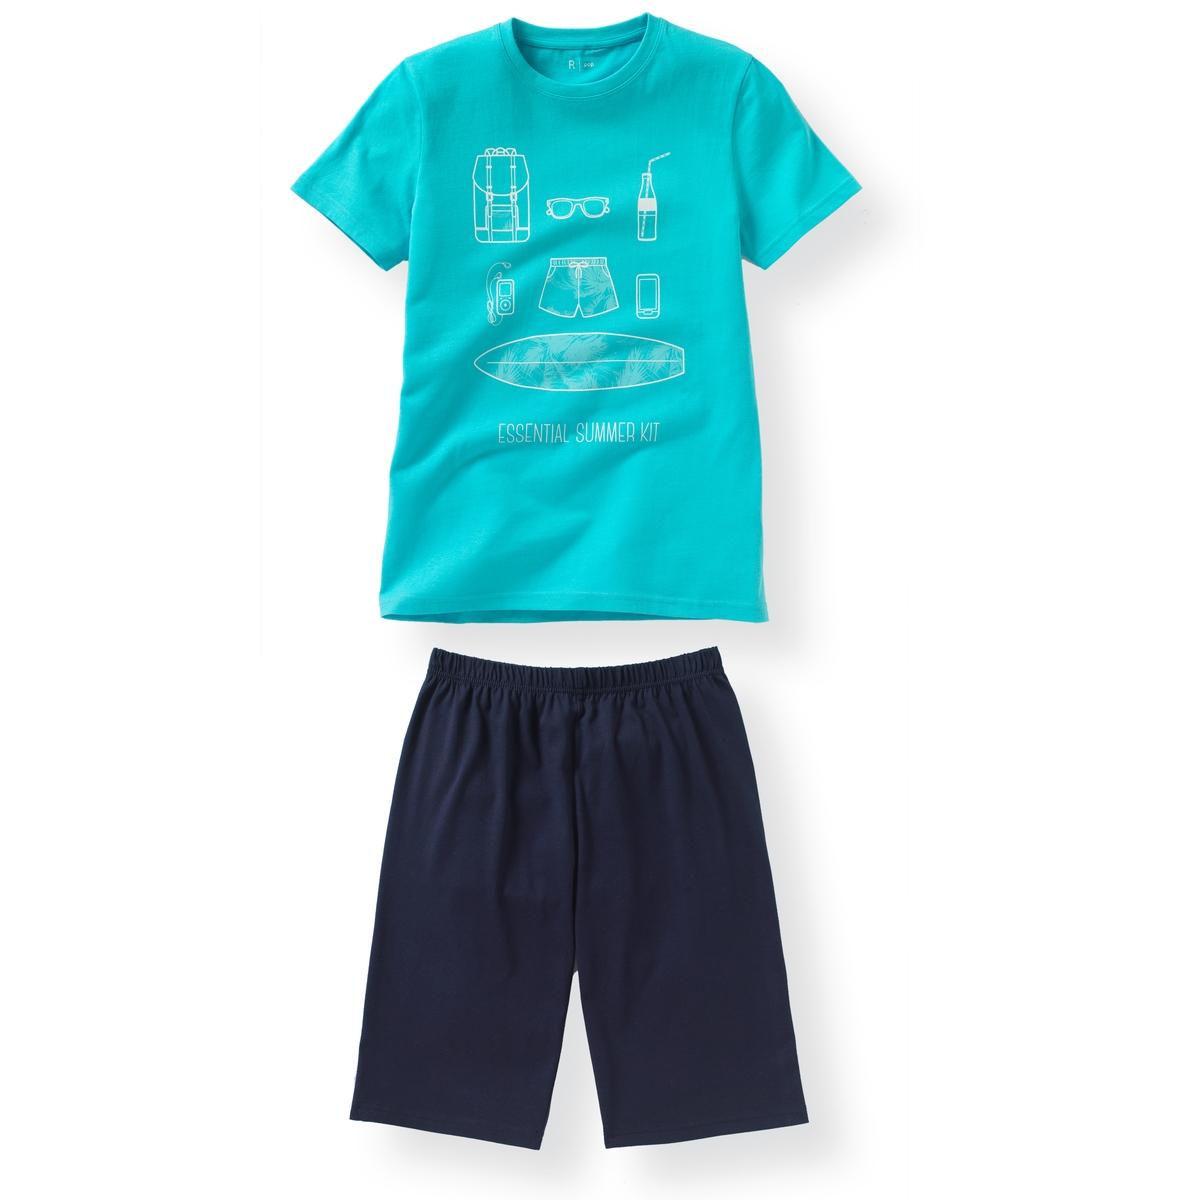 Пижама с шортами летняя, 10-16 летПижама: футболка с короткими рукавами и шорты. Футболка с рисунком пляж спереди. Однотонные шорты с эластичным поясом. Состав и описание : Материал       джерси, 100% хлопокМарка       R ?ditionУход :Машинная стирка при 30 °C с вещами схожих цветов.Стирать и гладить с изнаночной стороны.Машинная сушка в умеренном режиме.Гладить при низкой температуре.<br><br>Цвет: синий/ темно-синий